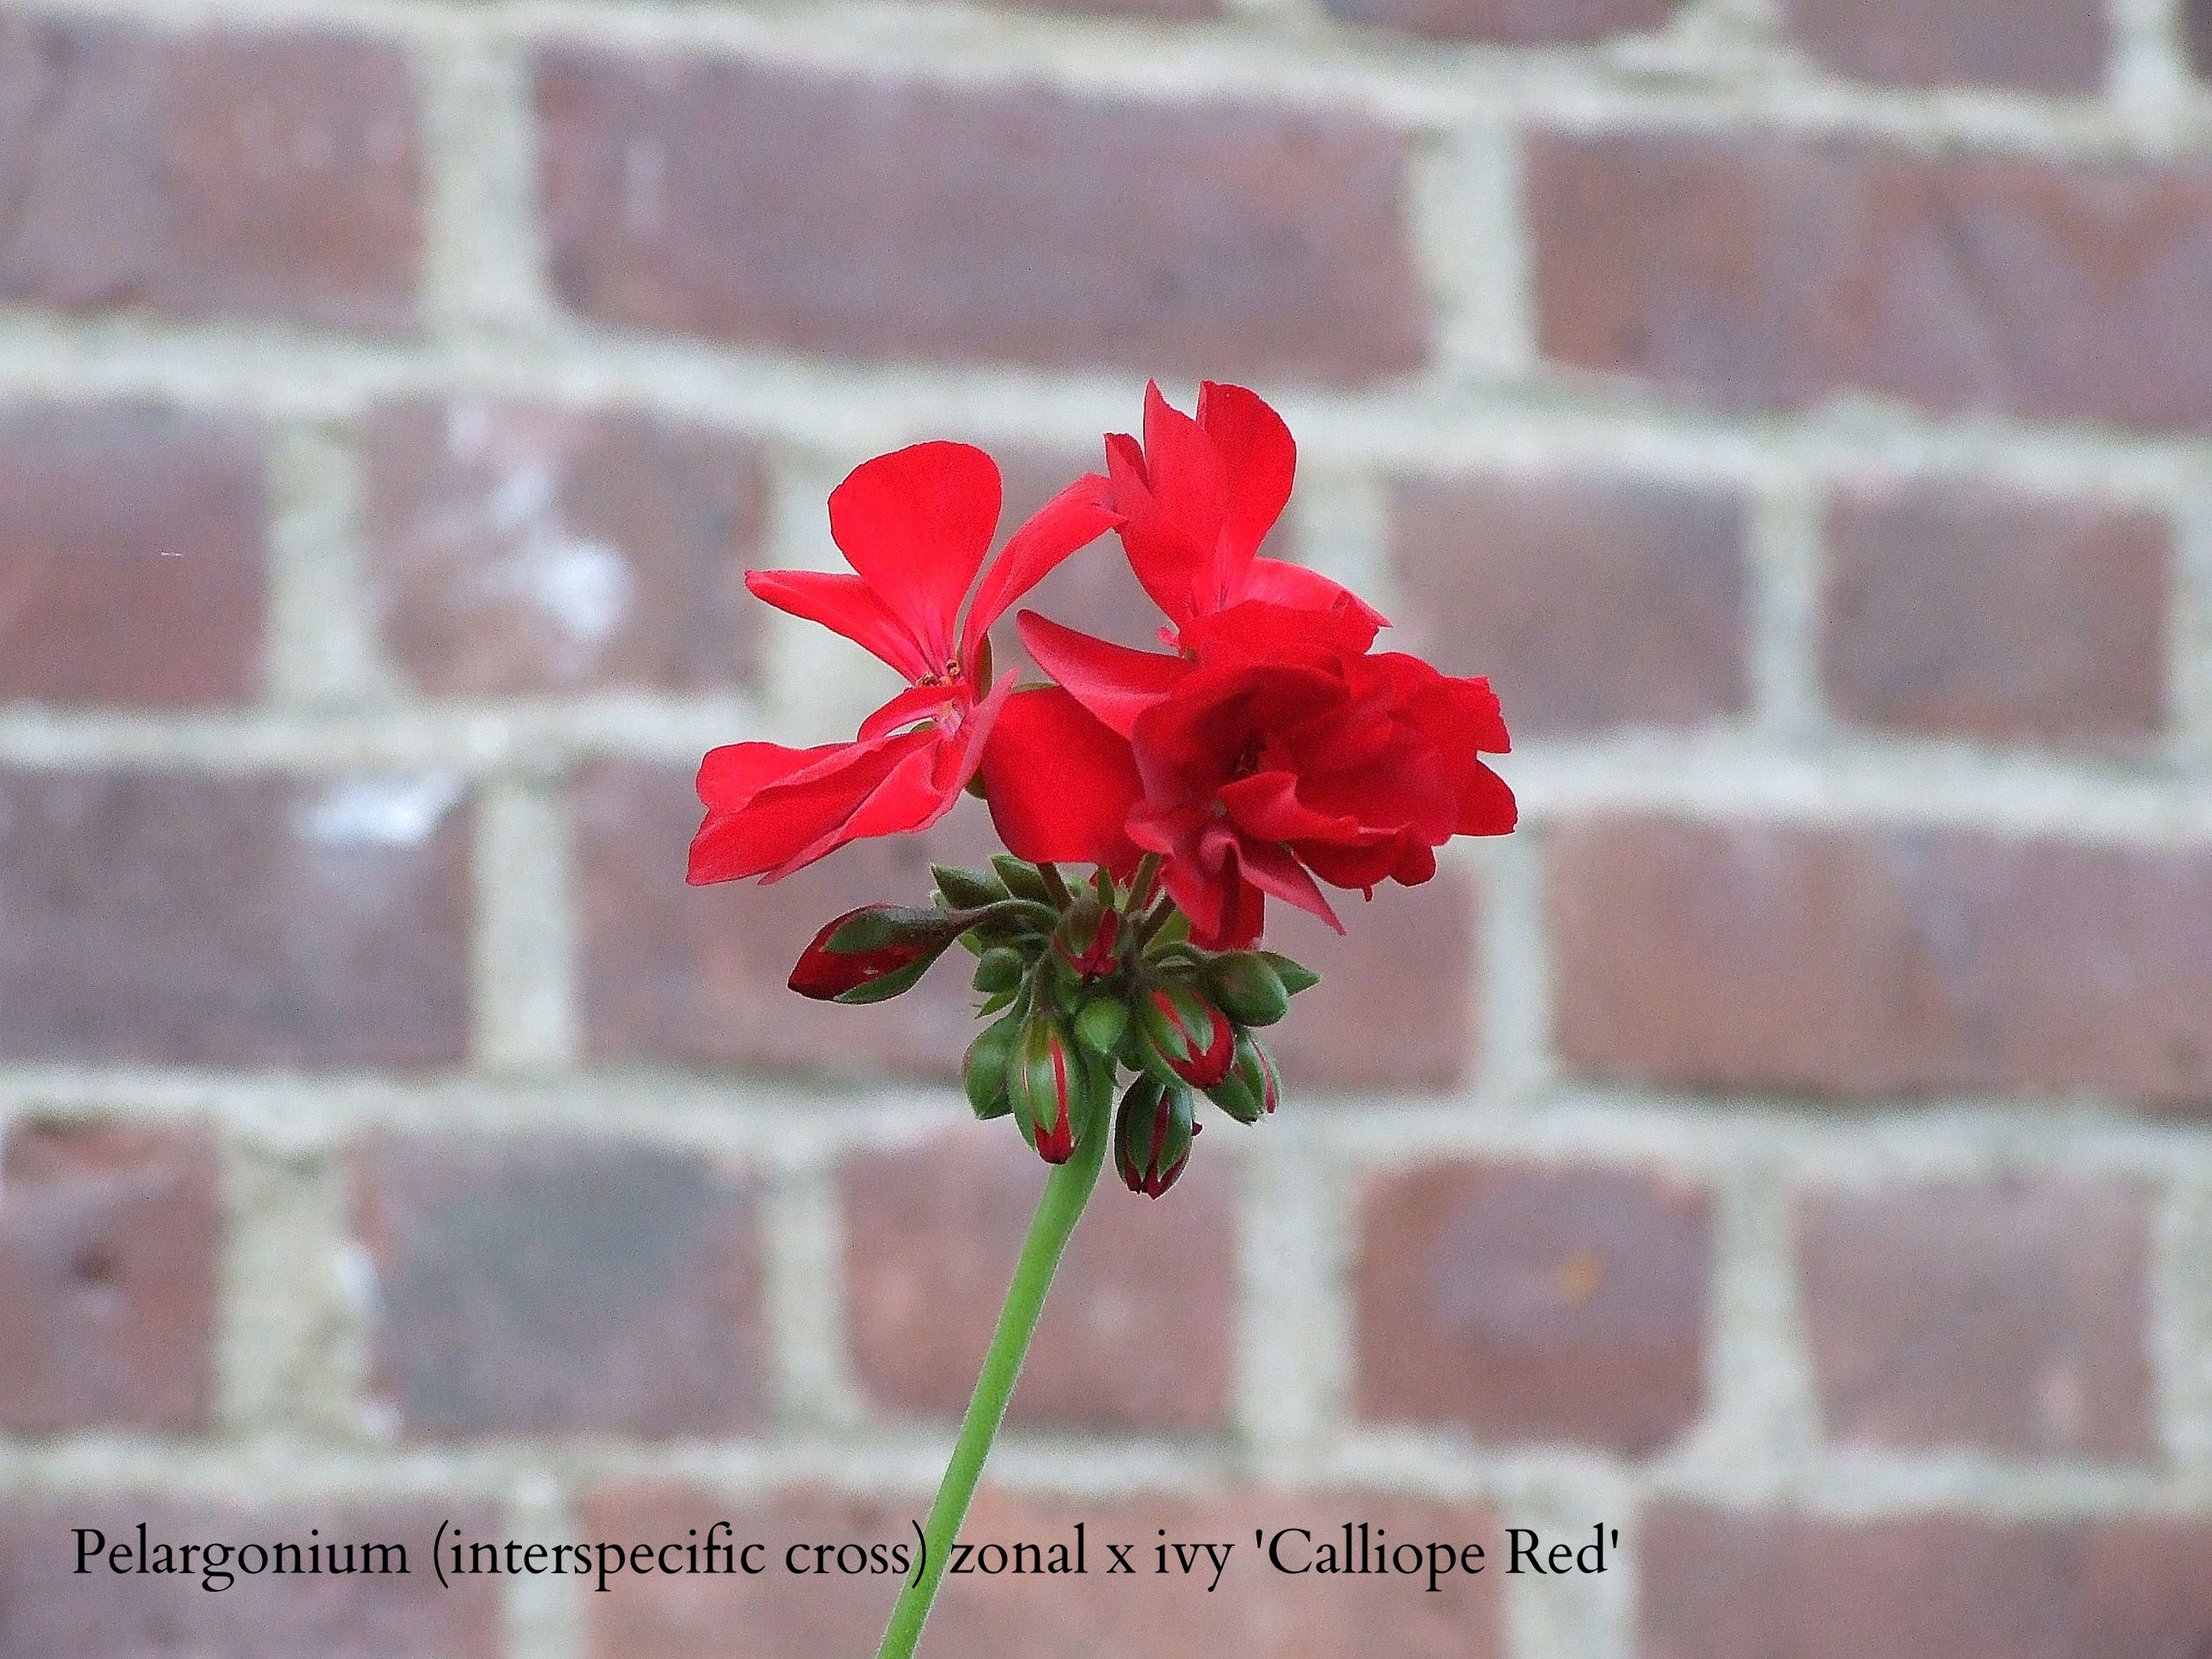 geranium - Calliope red 20100517.JPG